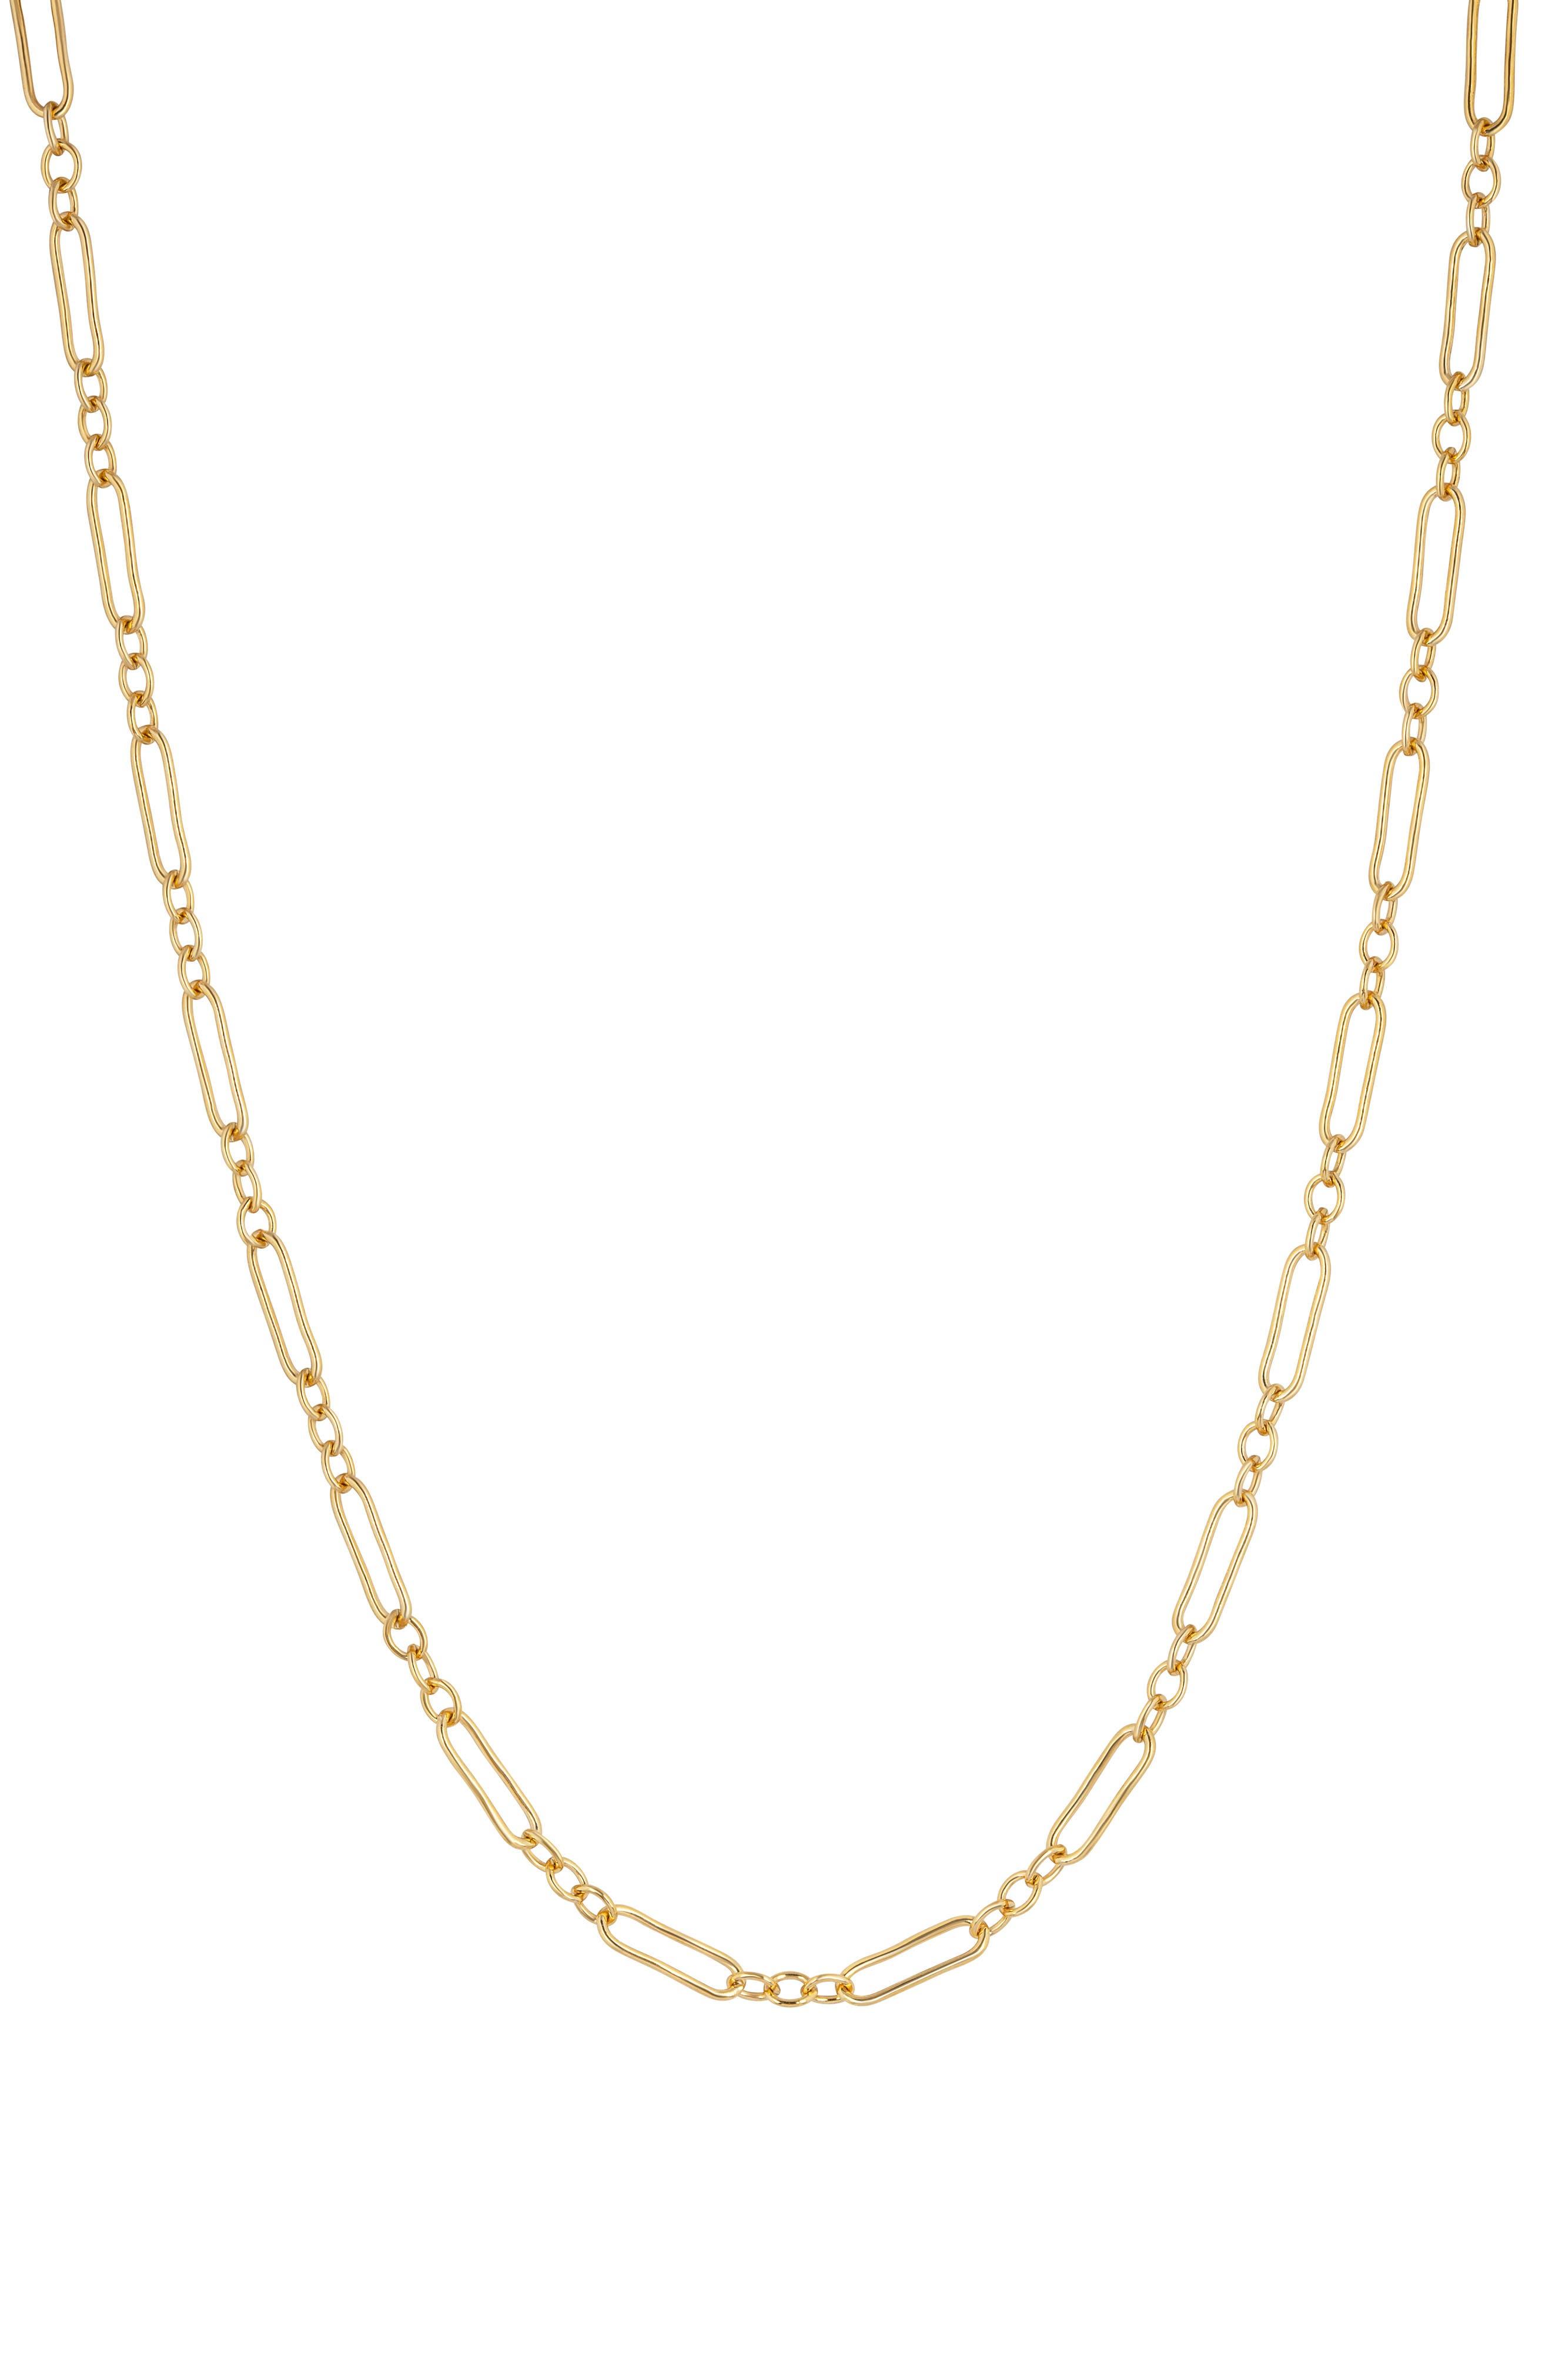 Bandit Chain Necklace